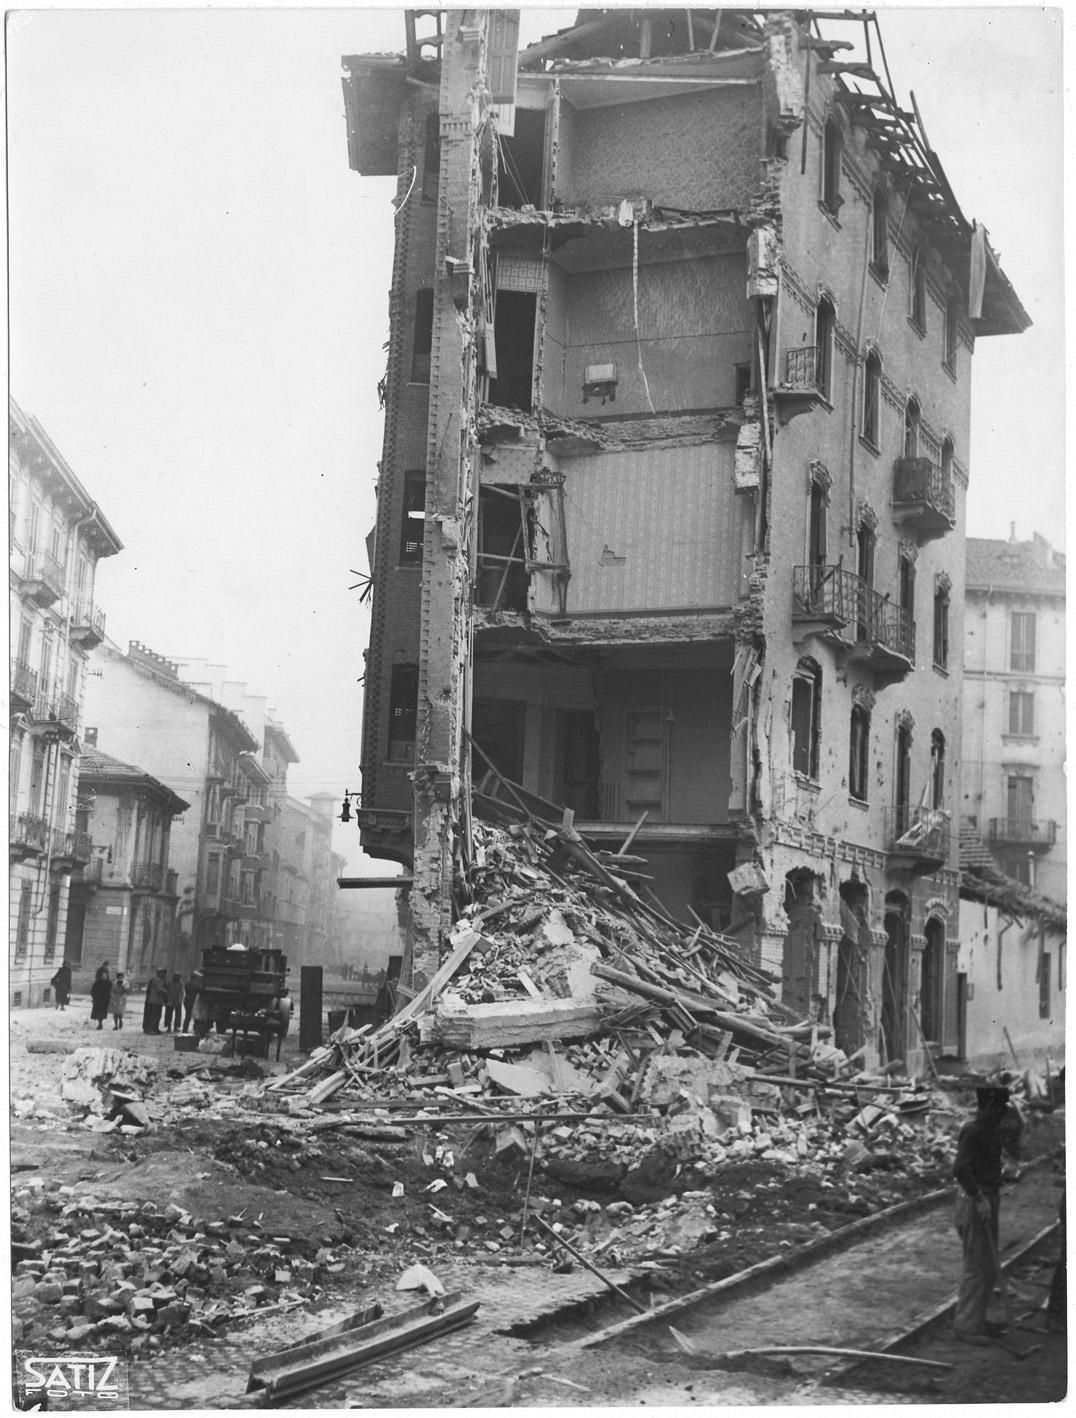 Via Duchessa Jolanda 28 dopo il bombardamento nella notte tra il 20 e il 21 novembre 1942 su Torino (Archivio Storico Città di Torino)